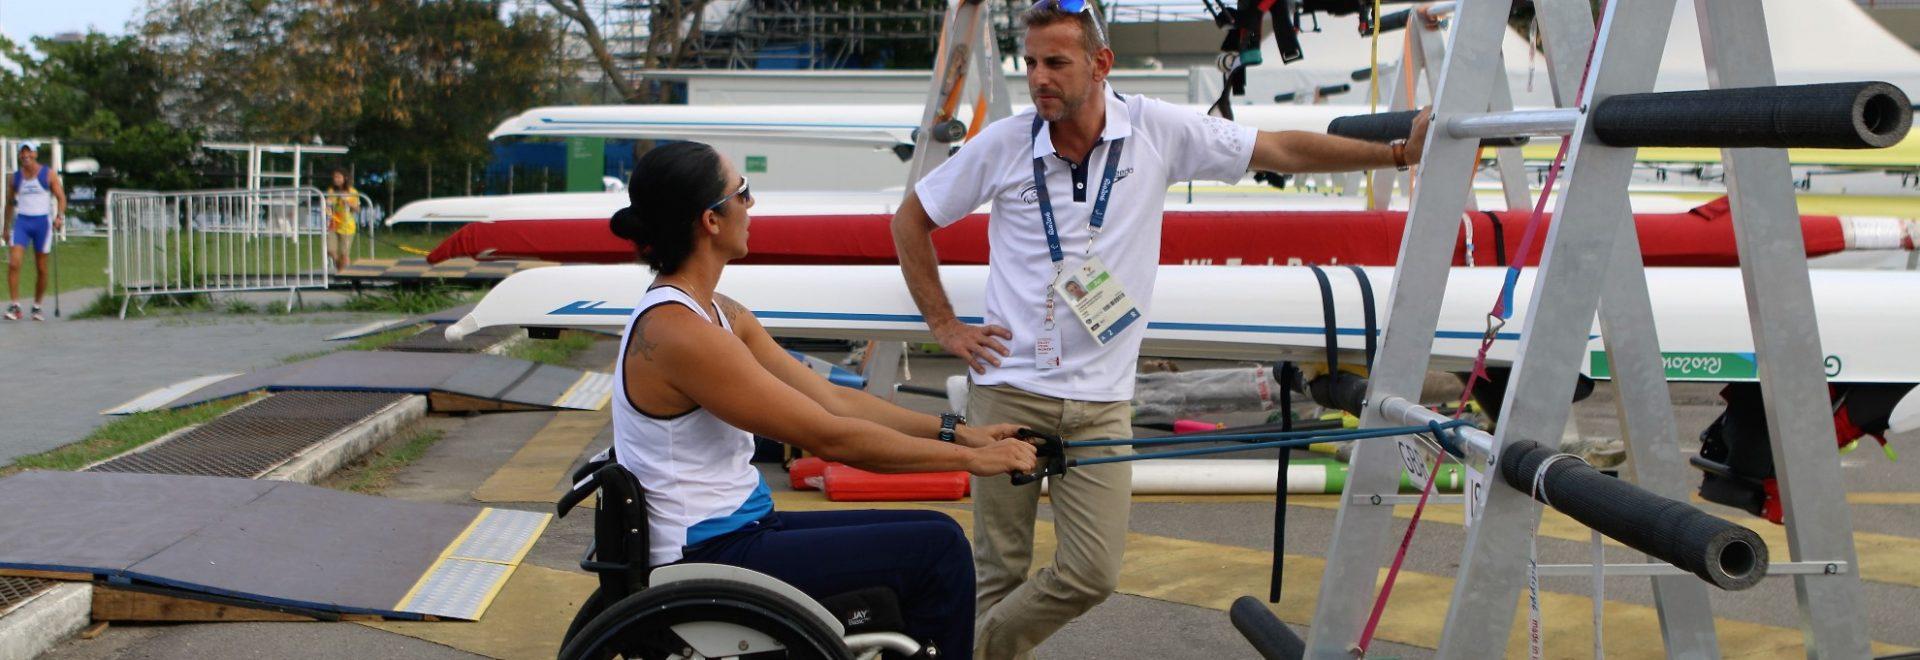 ספורטאית על כסא גלגלים והמנהל עומדים ליד הסולם.